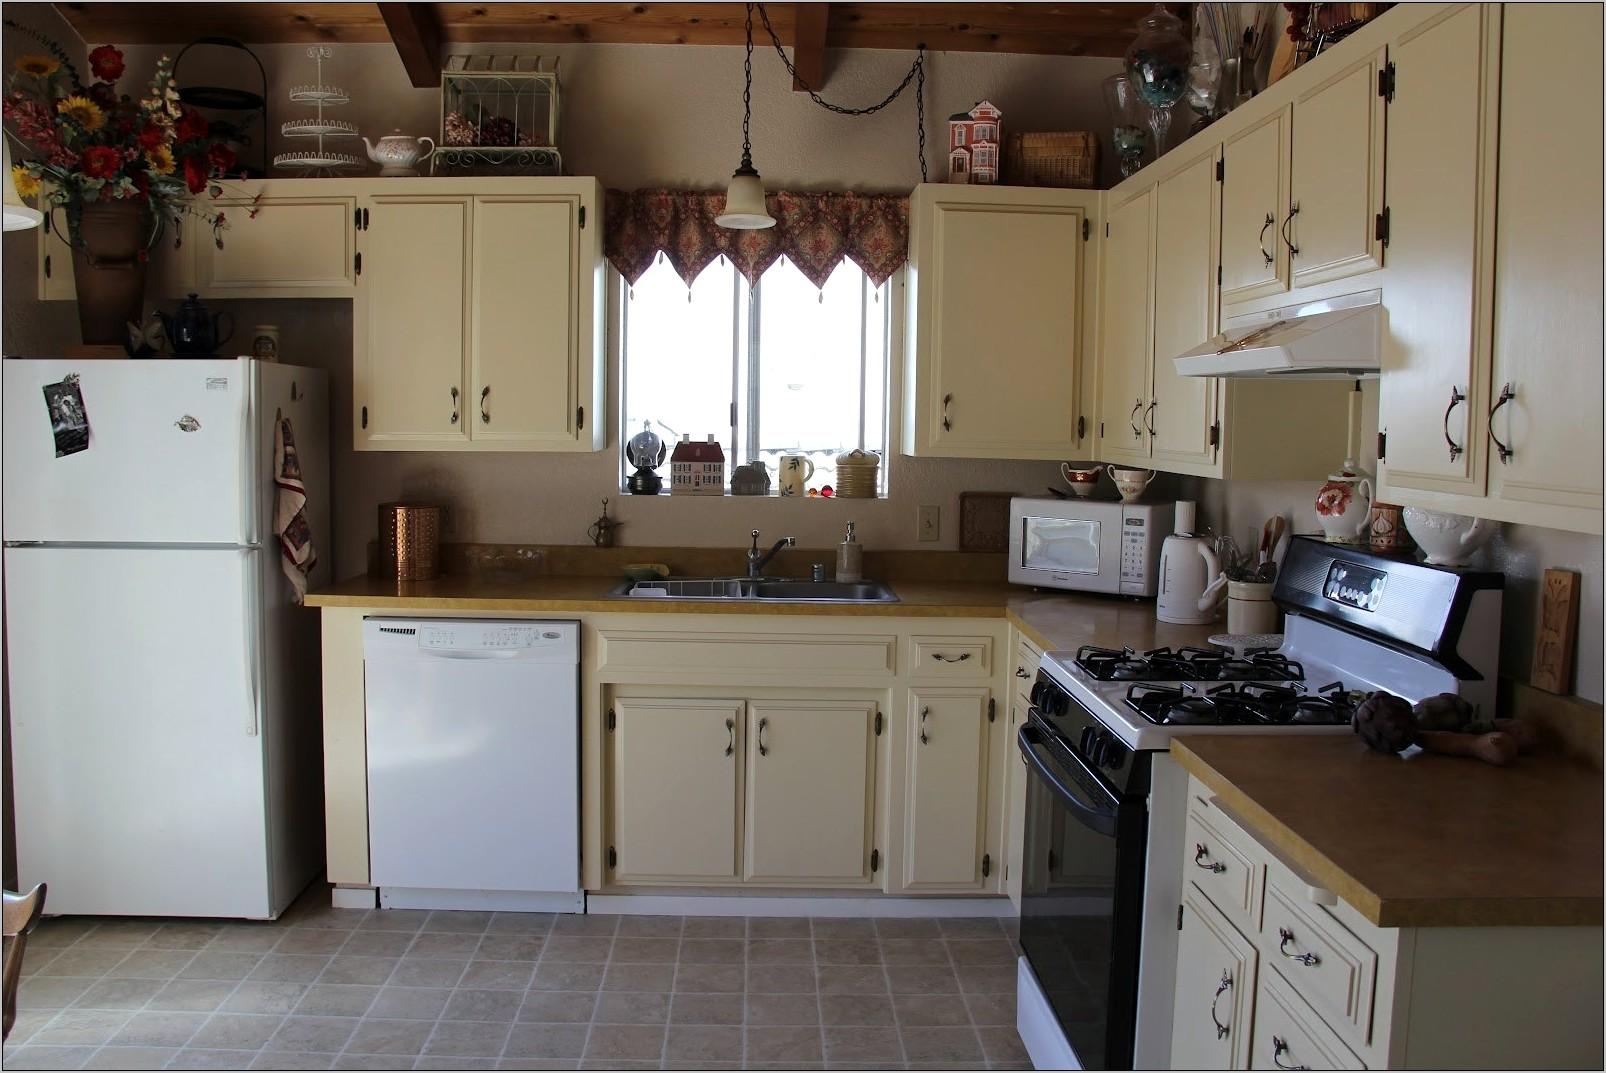 Mobile Home Kitchen Decor